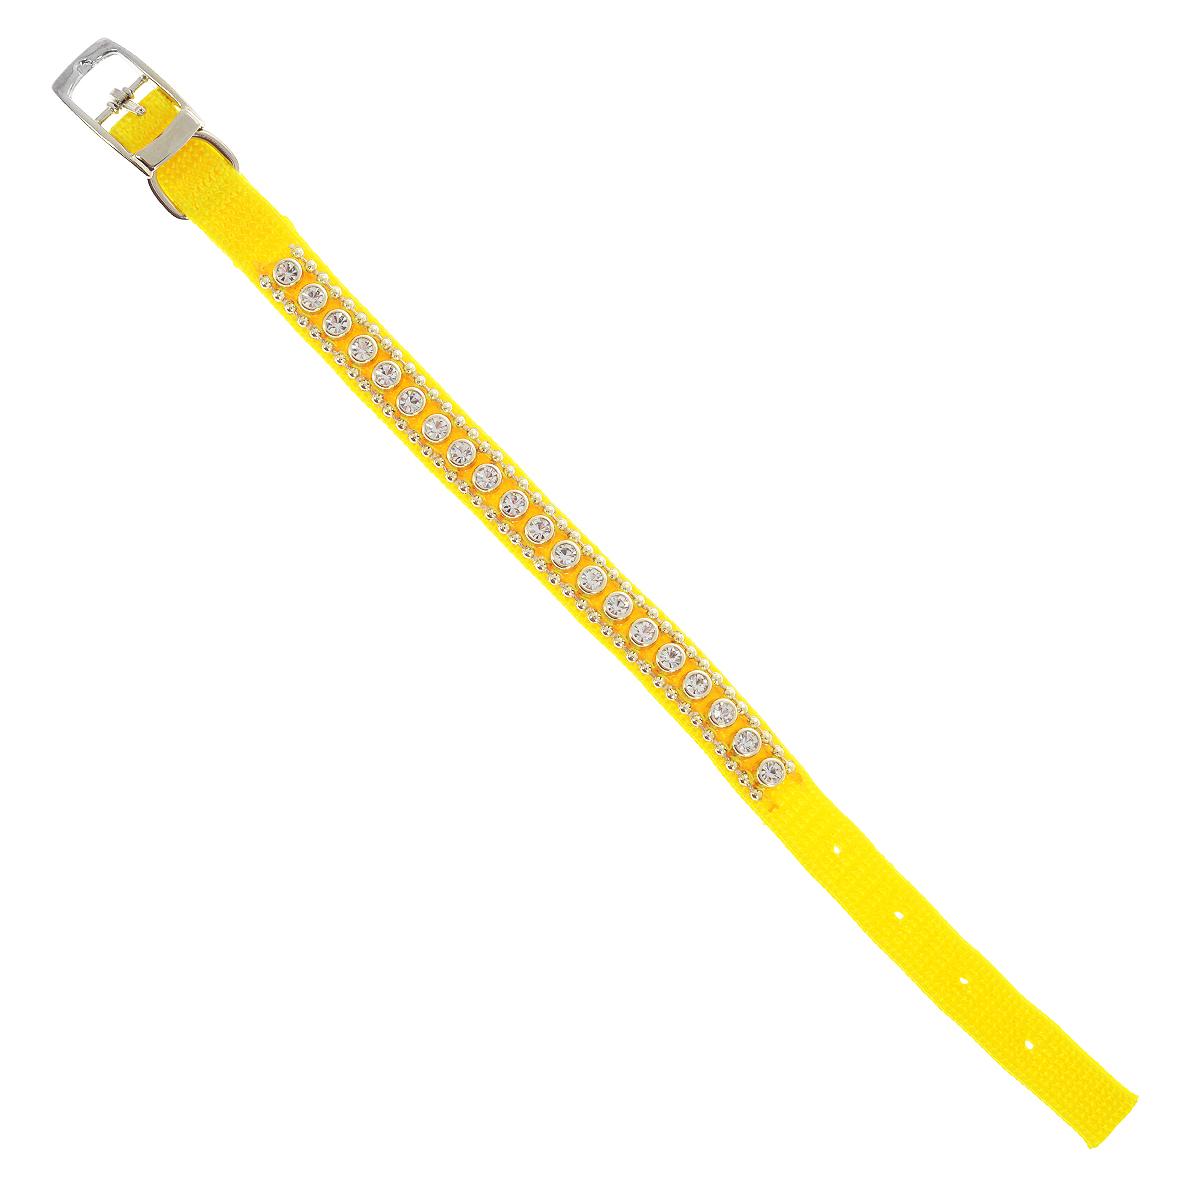 Ошейник Pet Line для животных, со стразами, цвет: желтый, длина 24,5 см pet line фурминатор большой 79 зубьев